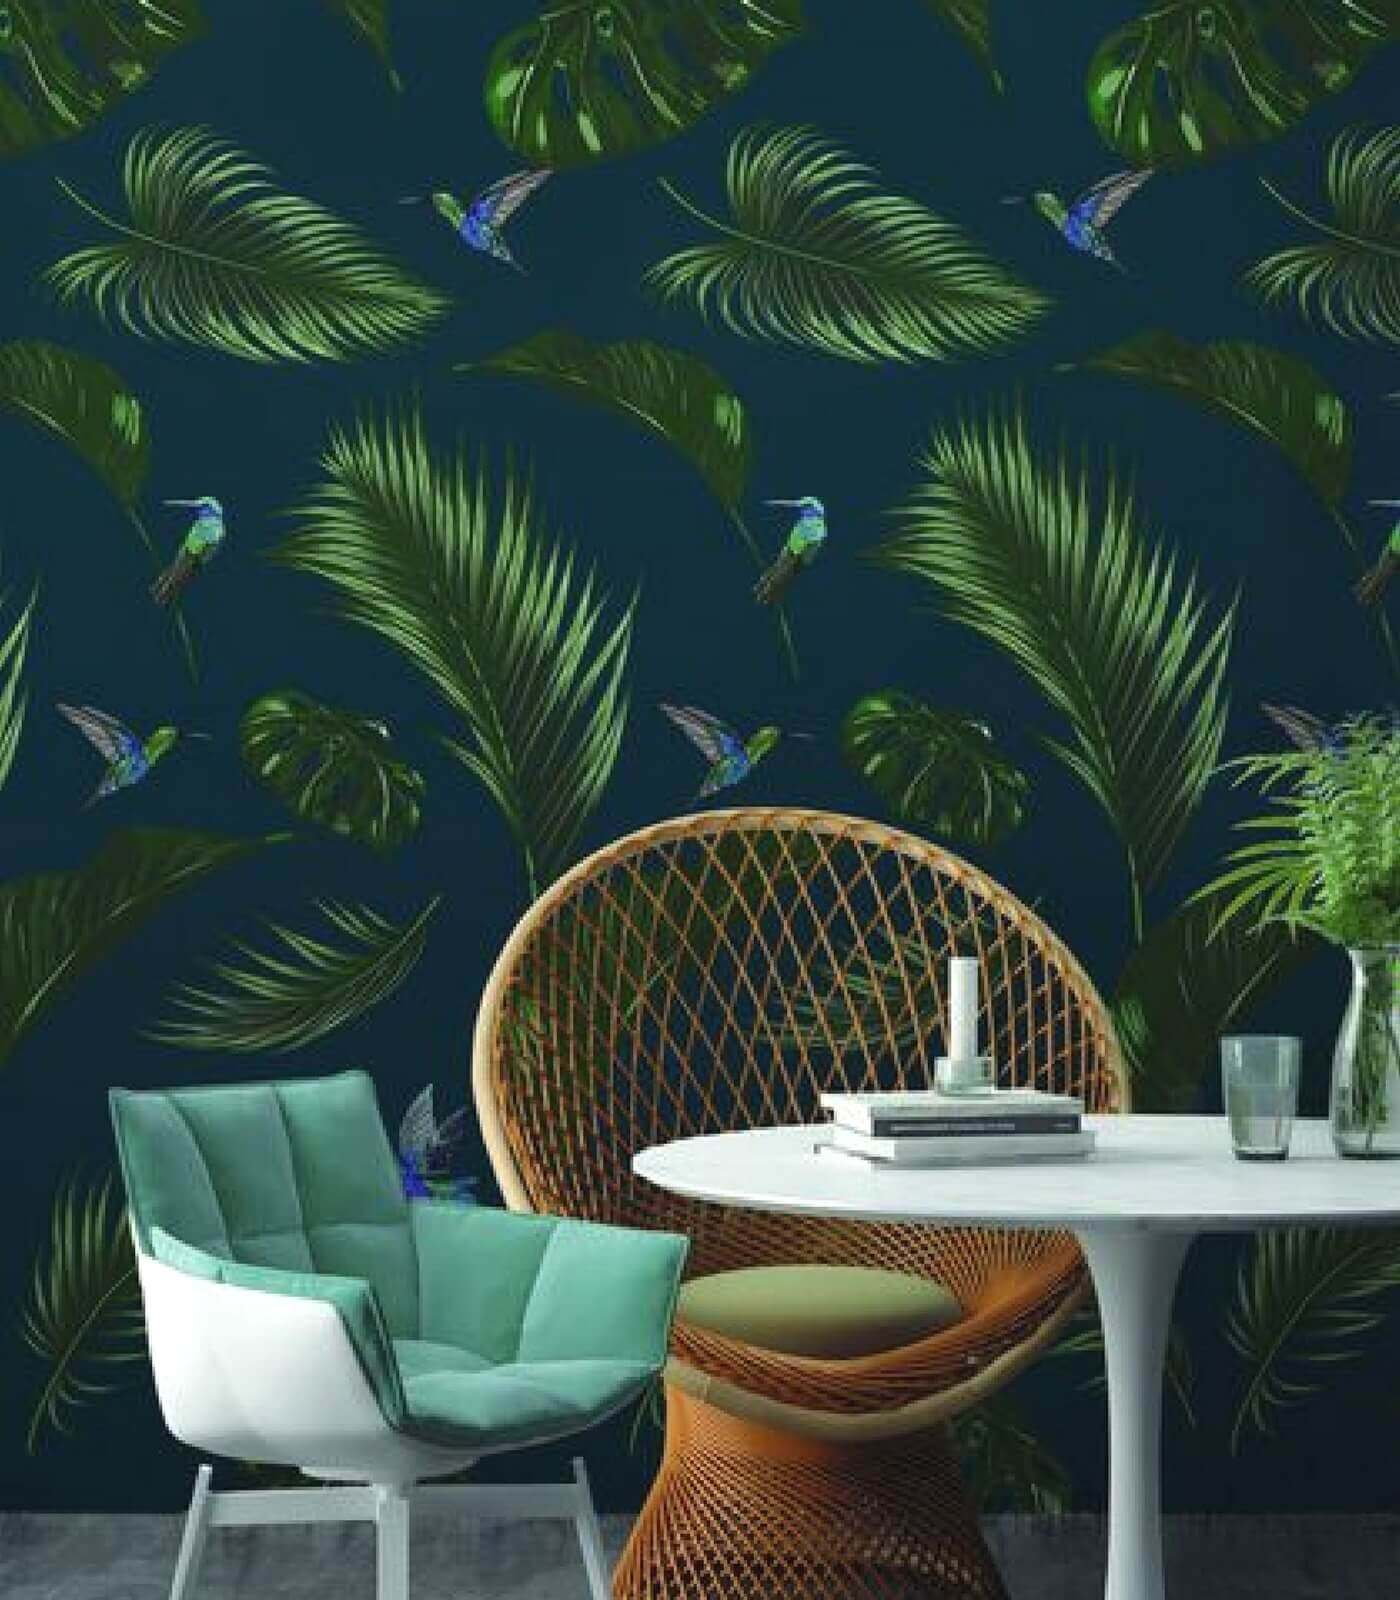 Papier Peint Jungle Bleu Canard Fonce 10 M X 53 Cm Pastel Living